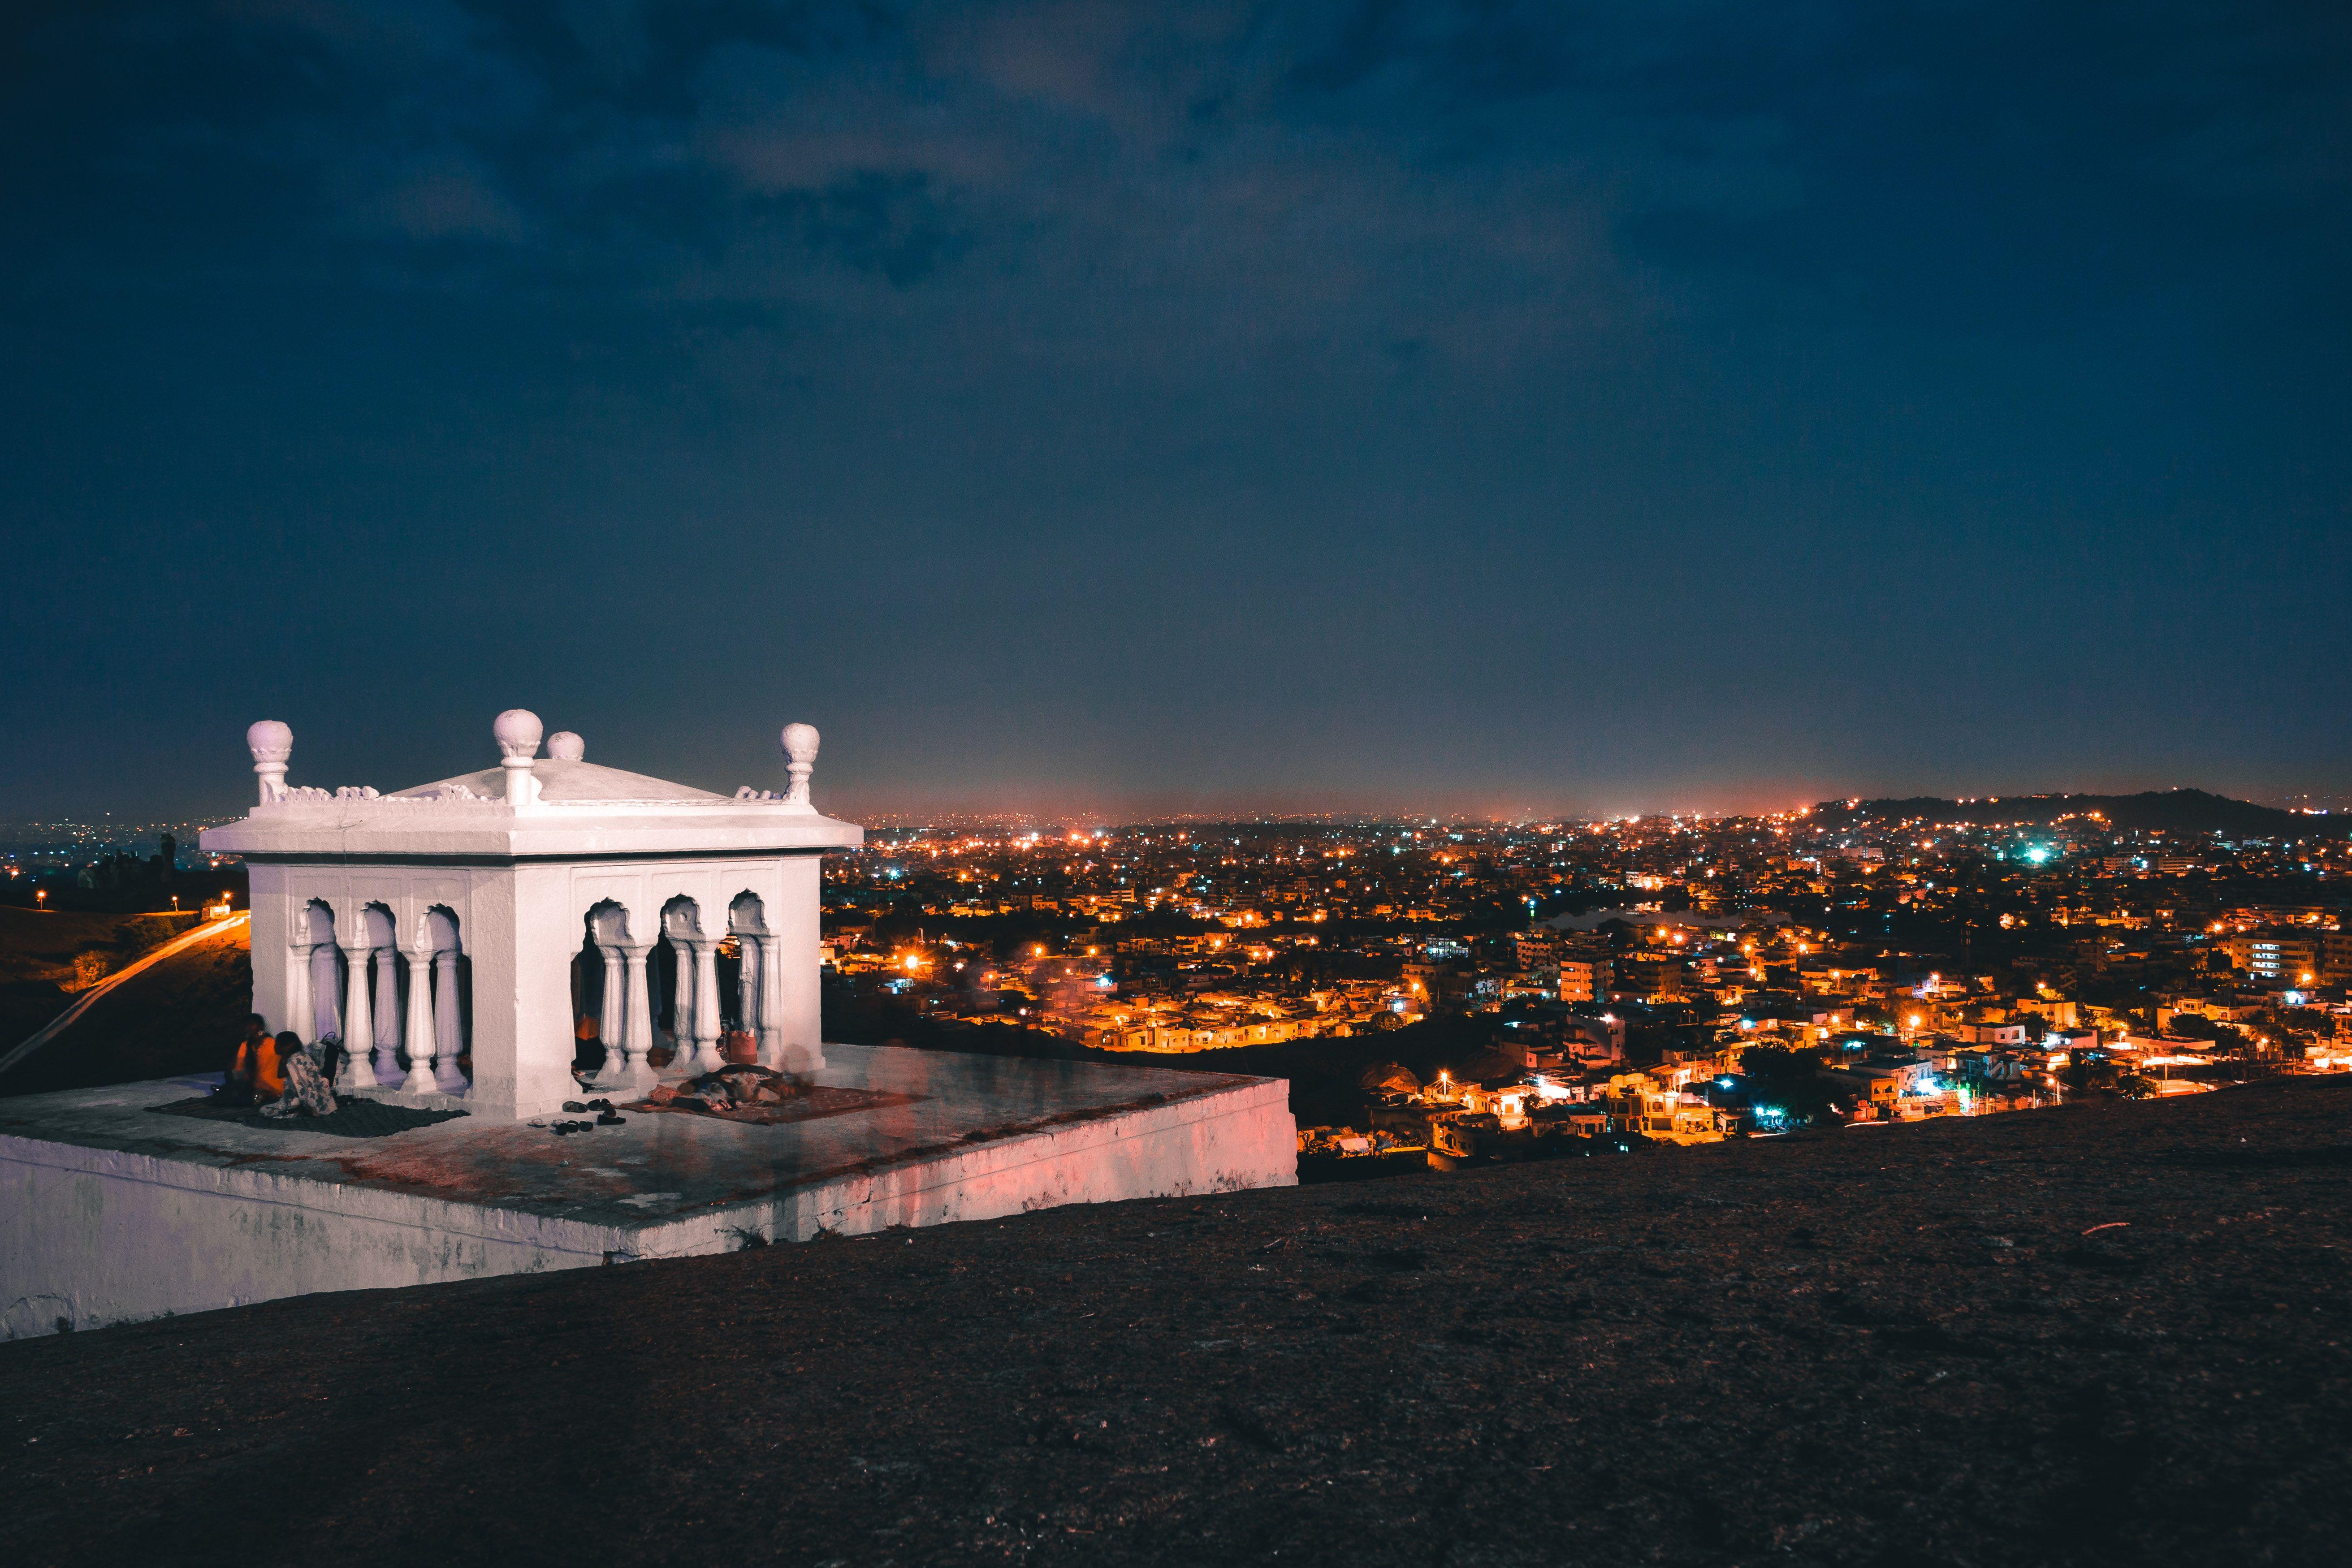 Le spectacle des lumières d'Hyderabad en pleine nuit.